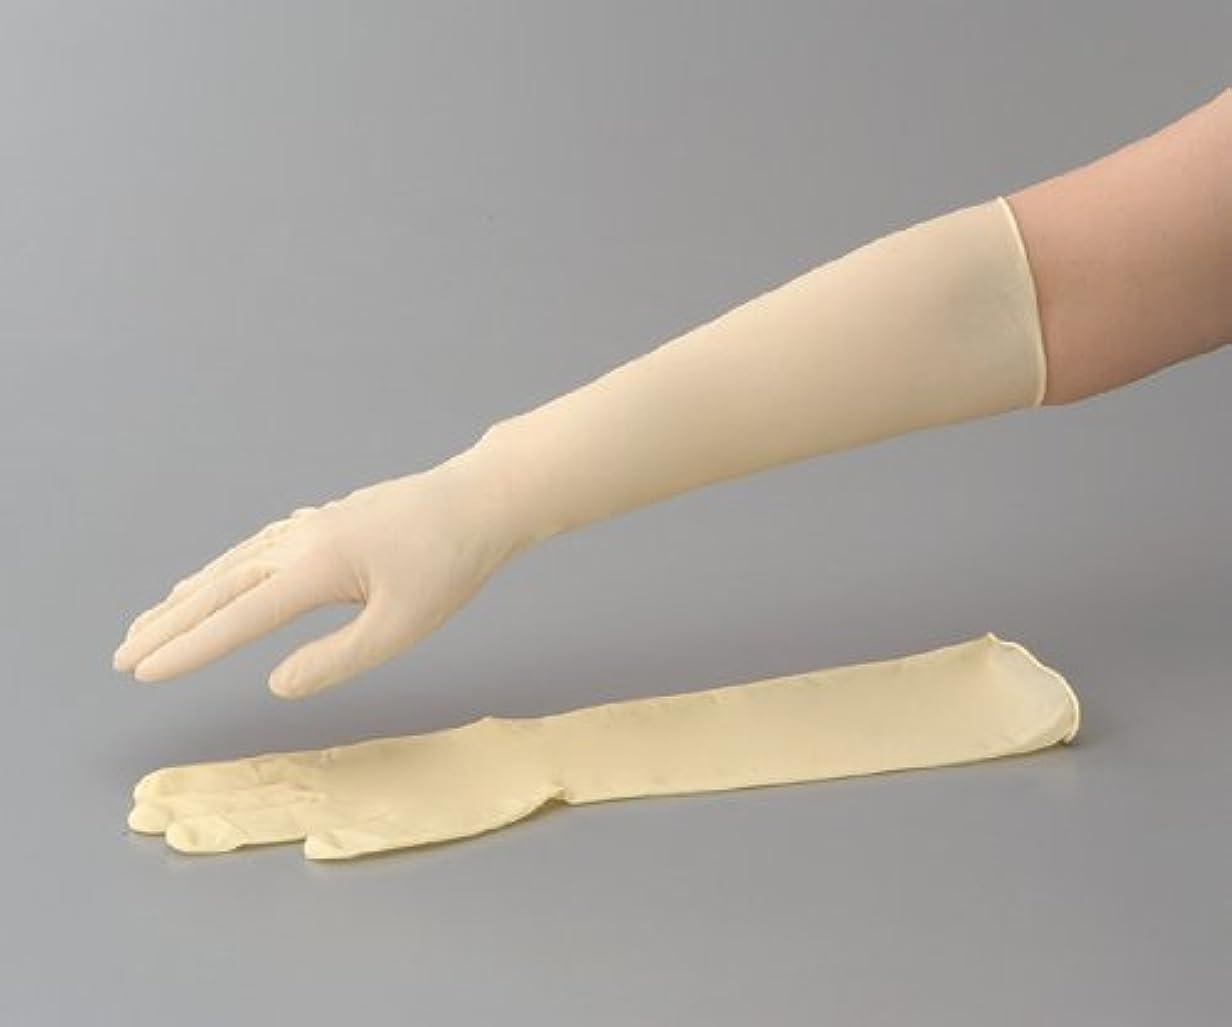 特異性知人リマラテックスロング手袋(スーパーロング) No.336 M 1袋(50枚入)